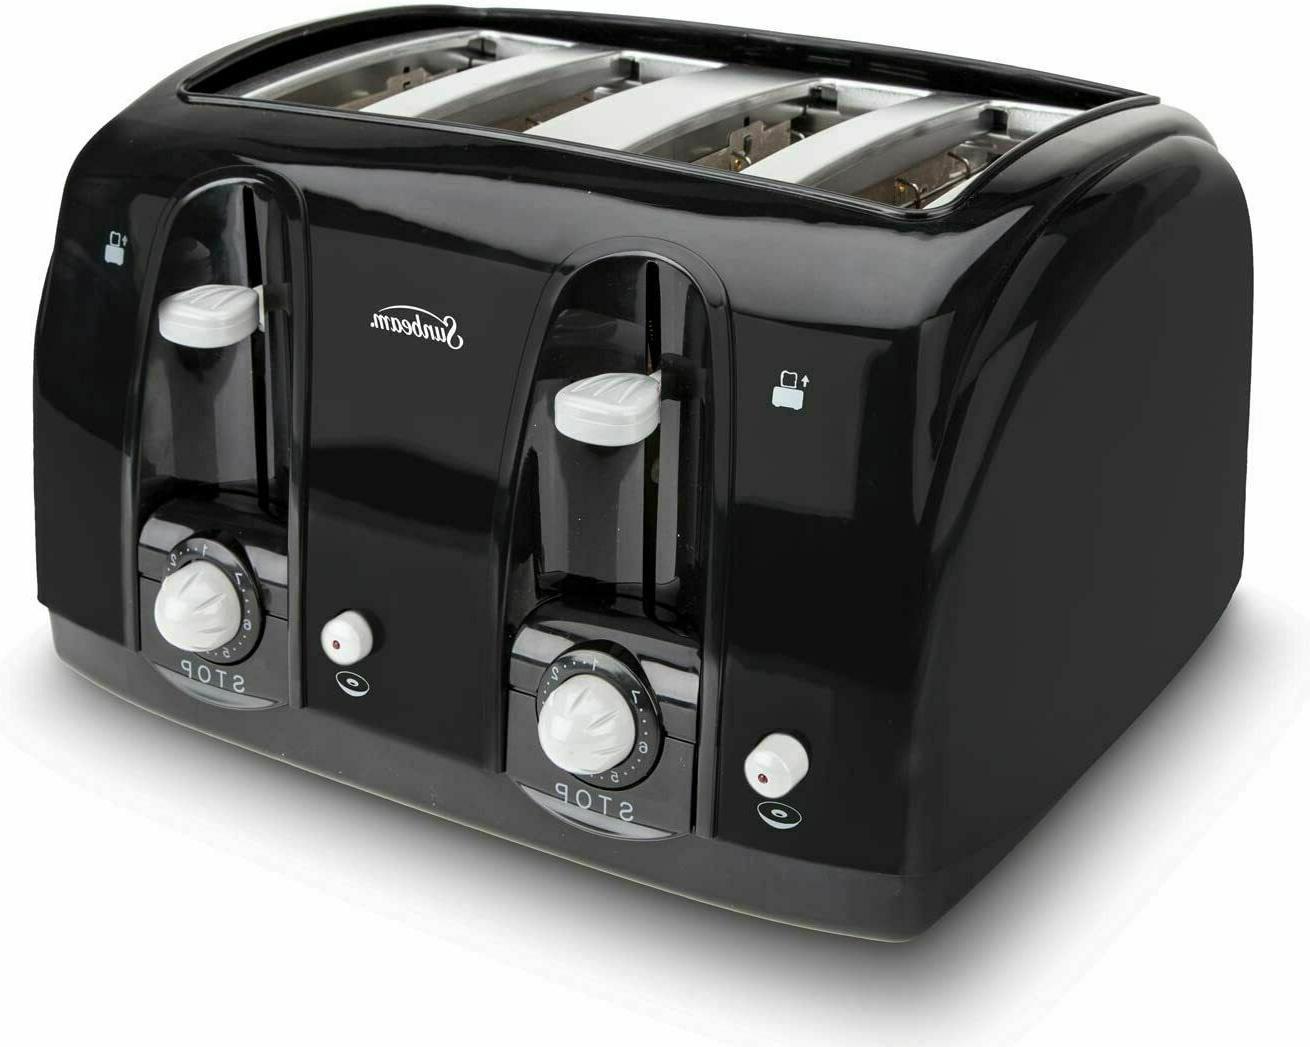 Wide Slot 4-Slice Toaster, Black